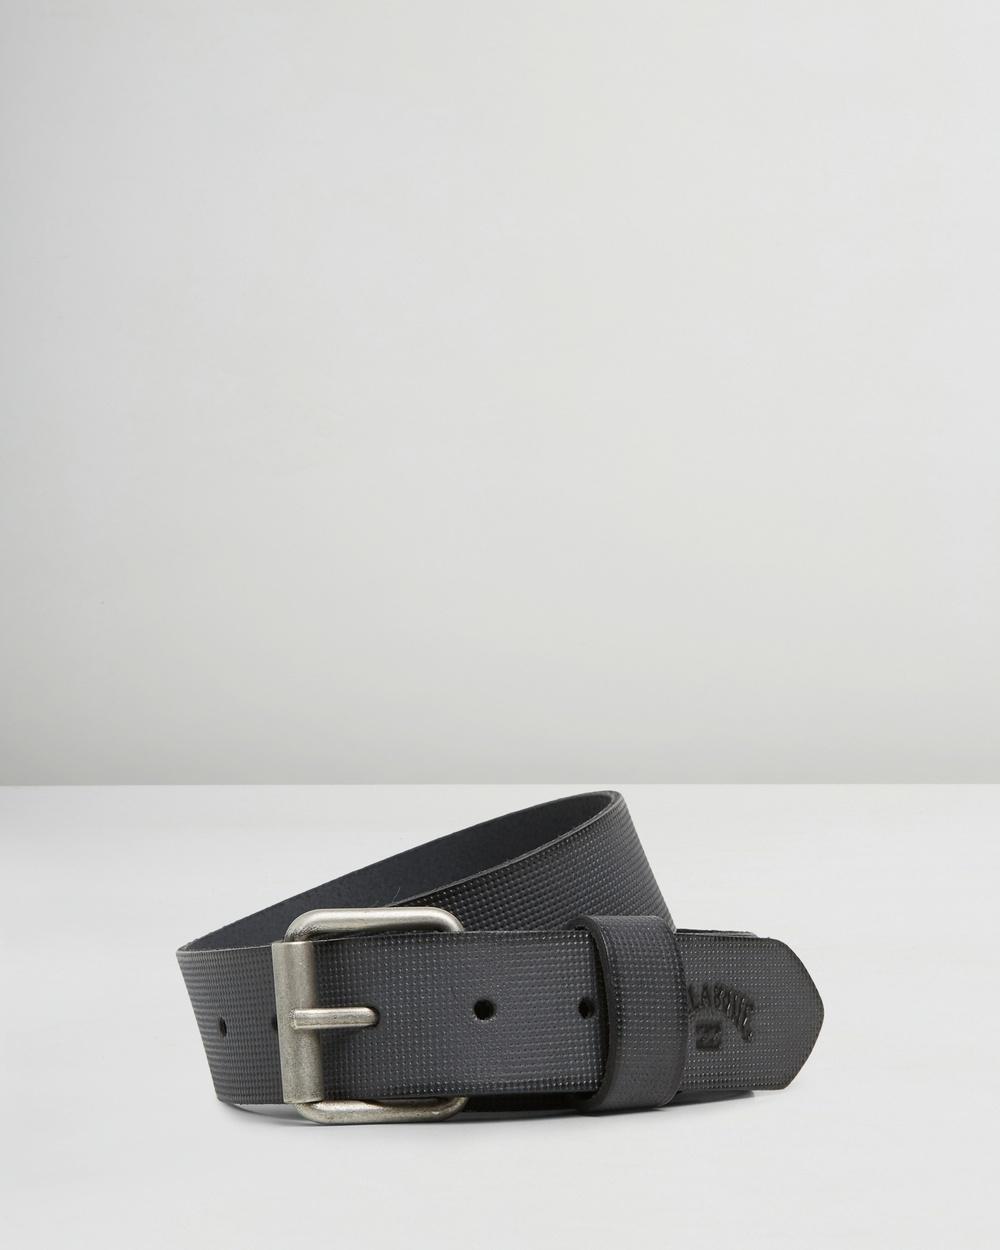 Billabong Daily Leather Belt Belts BLACK